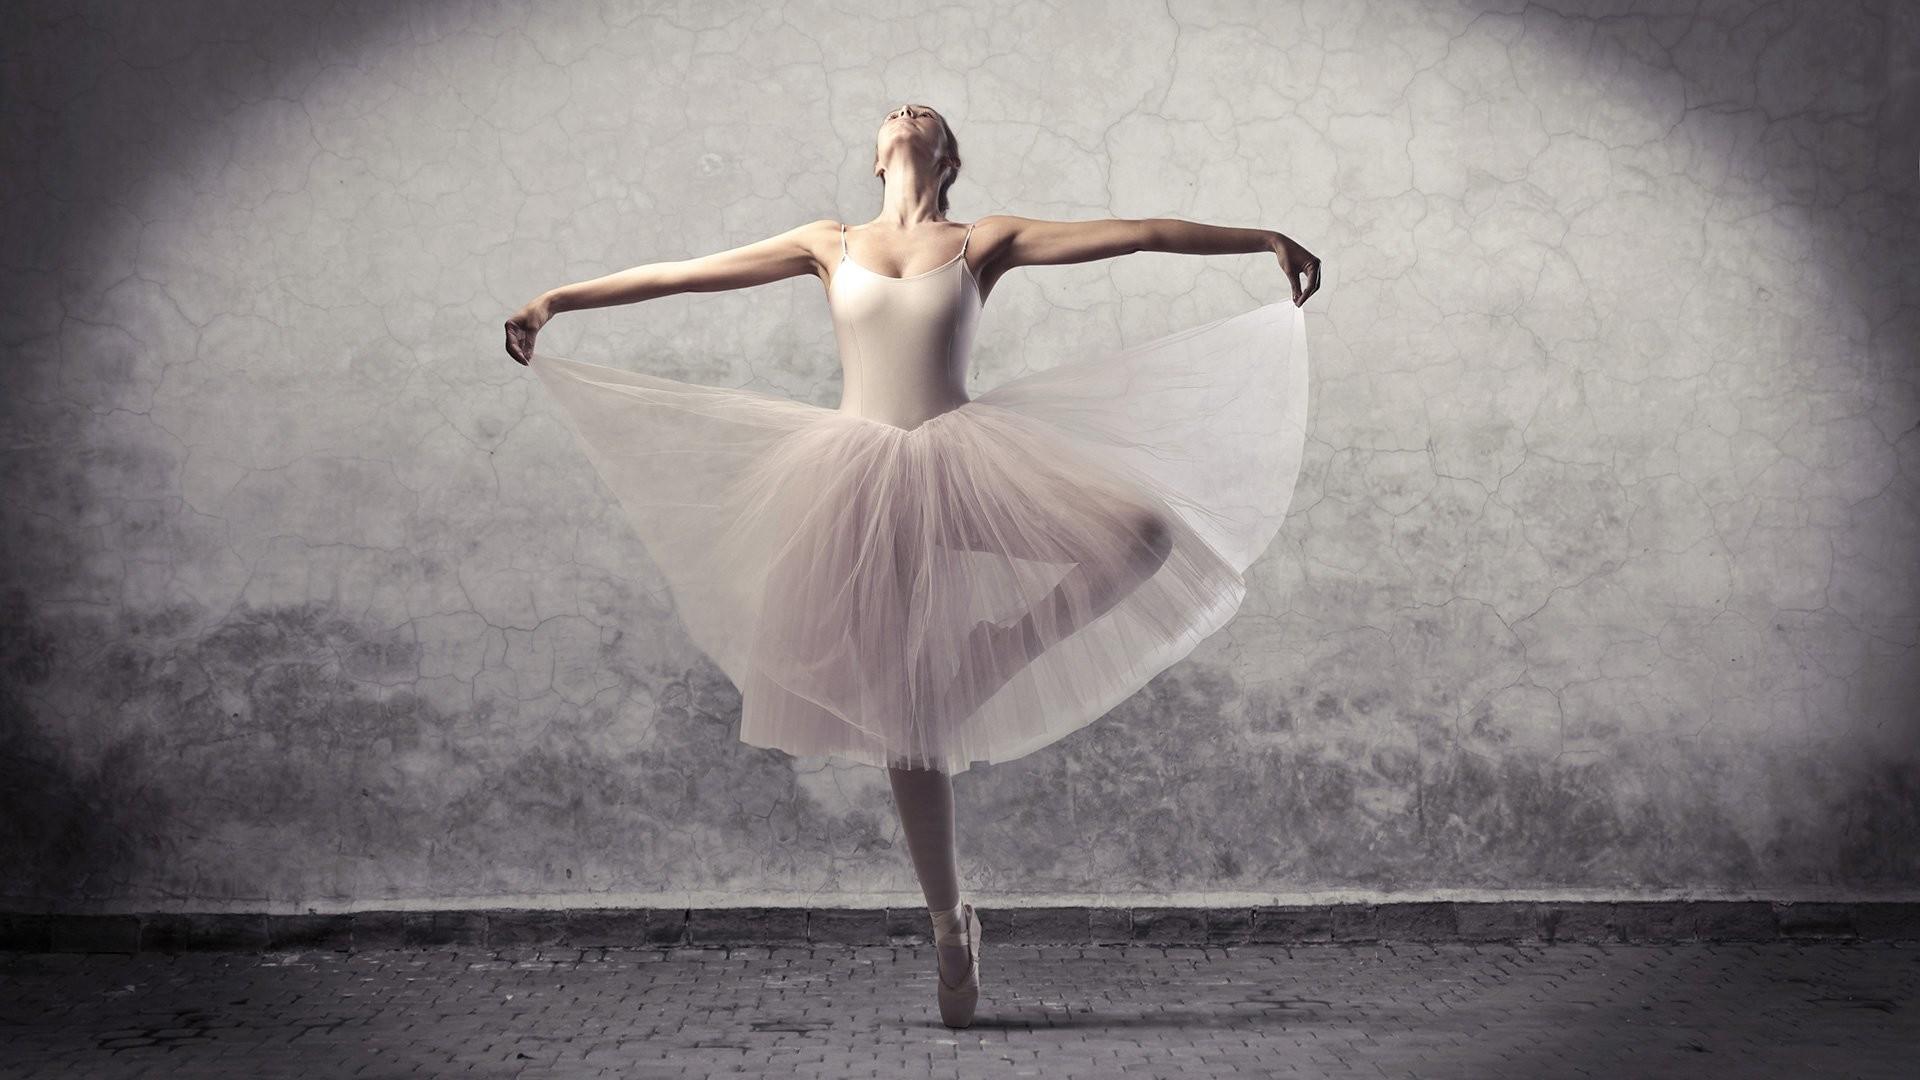 Ballet Dancer Wallpaper Free Wide Hd Wallpaper: Ballet Wallpaper (67+ Images